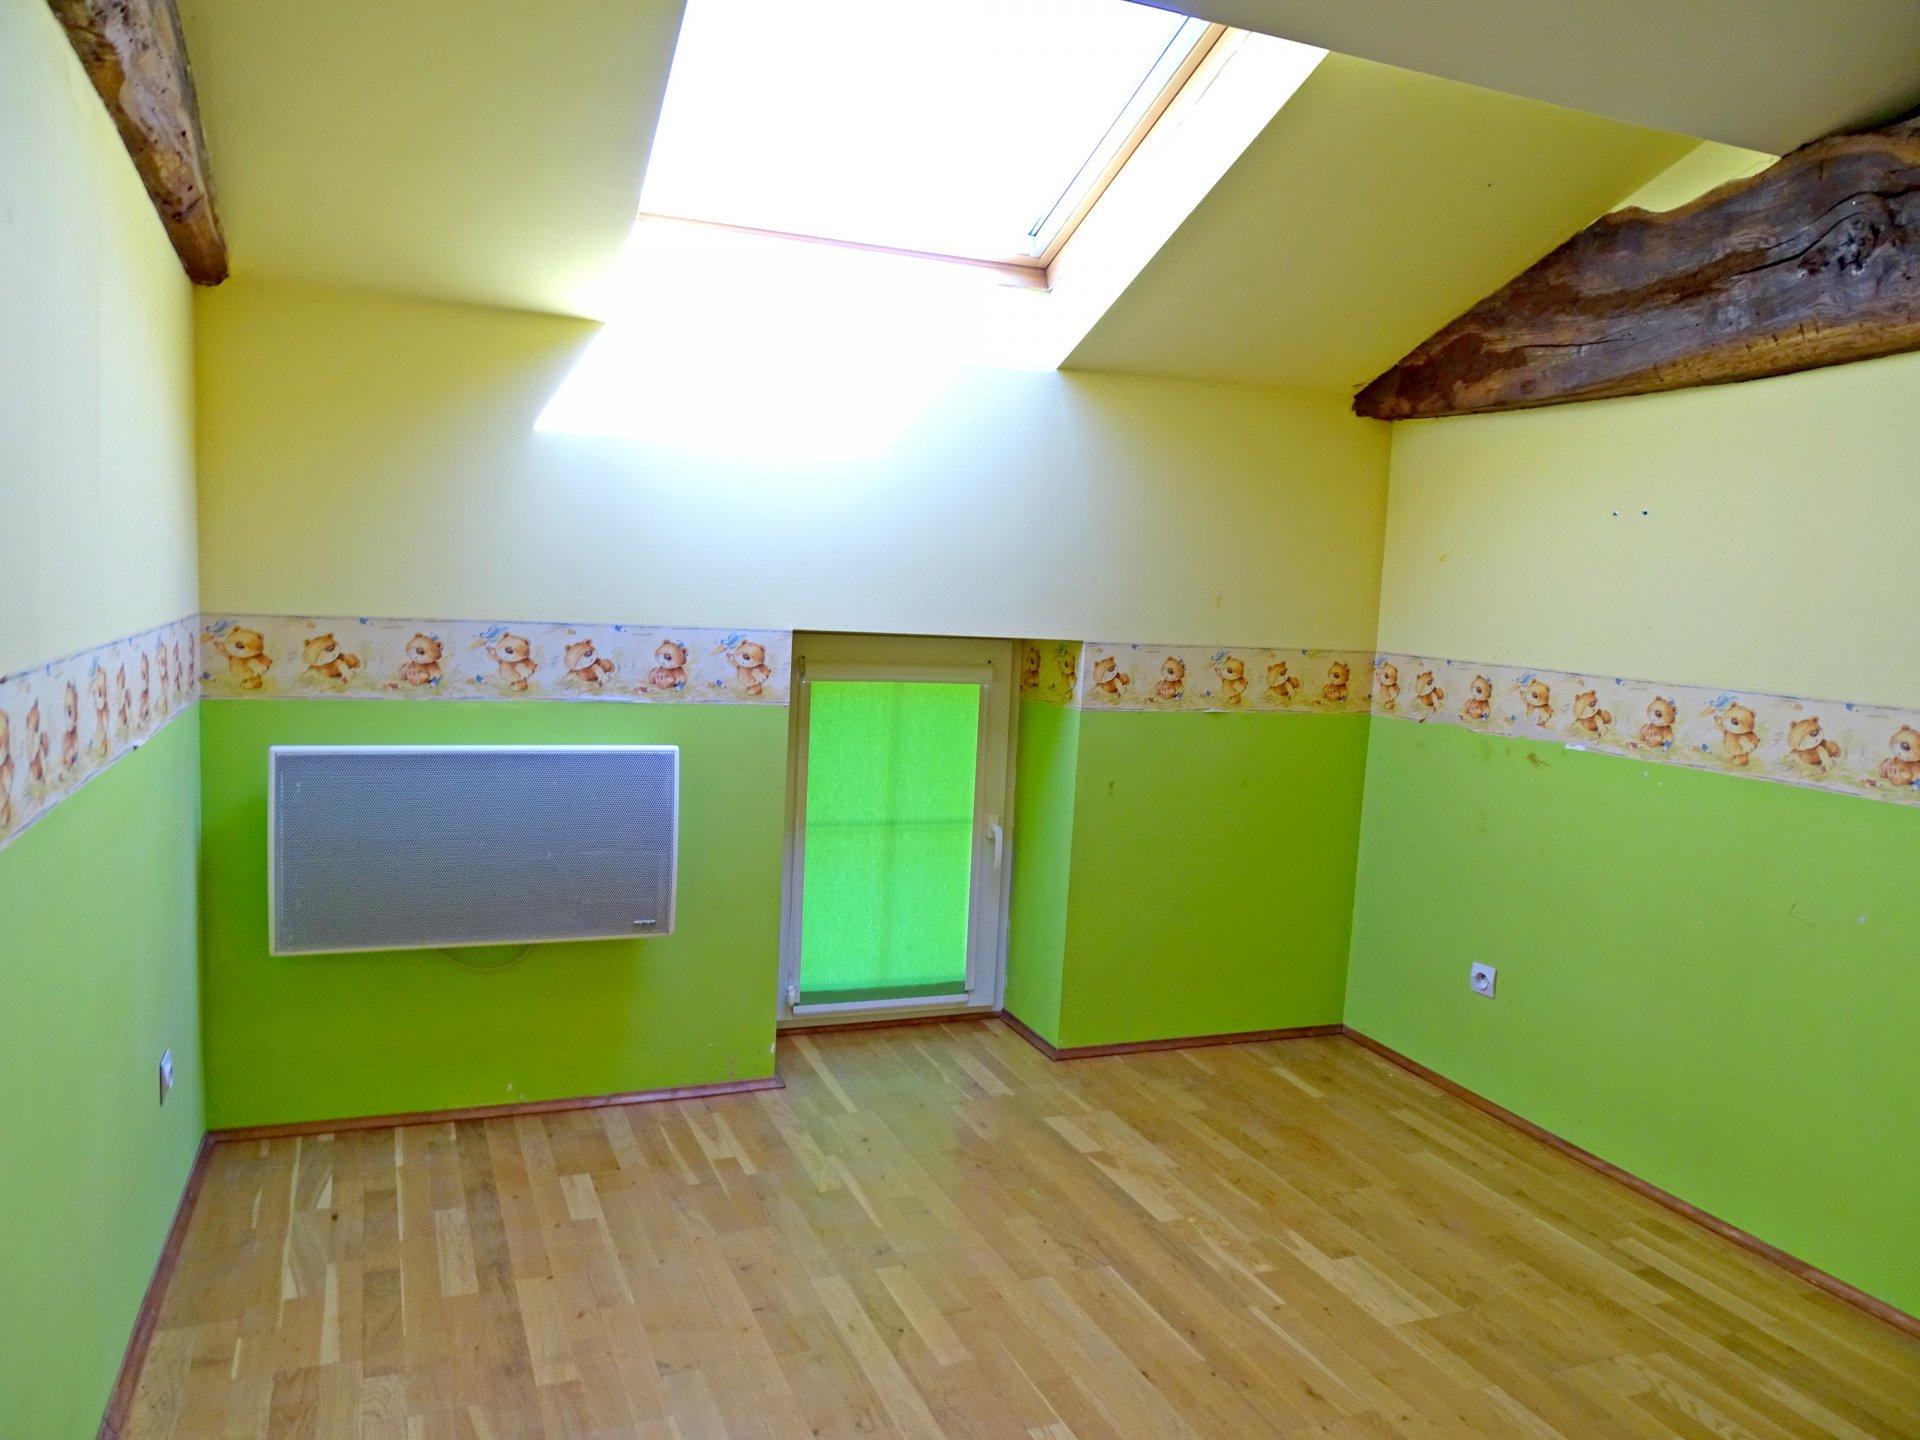 Lugny, au c?ur du village, à proximité immédiate de tous les commerces, écoles et commodités, venez découvrir cette maison en pierre offrant une surface habitable de 110 m². Elle dispose à l'étage d'une lumineuse pièce de vie de 35 m² avec cuisine équipée, bureau, wc. A l'étage, deux chambres avec placards, salle de bains et wc. Vous disposez également d'un grand garage, une cave, buanderie ainsi que d'un jardinet. Aucun vis à vis. Honoraires à la charge des vendeurs.